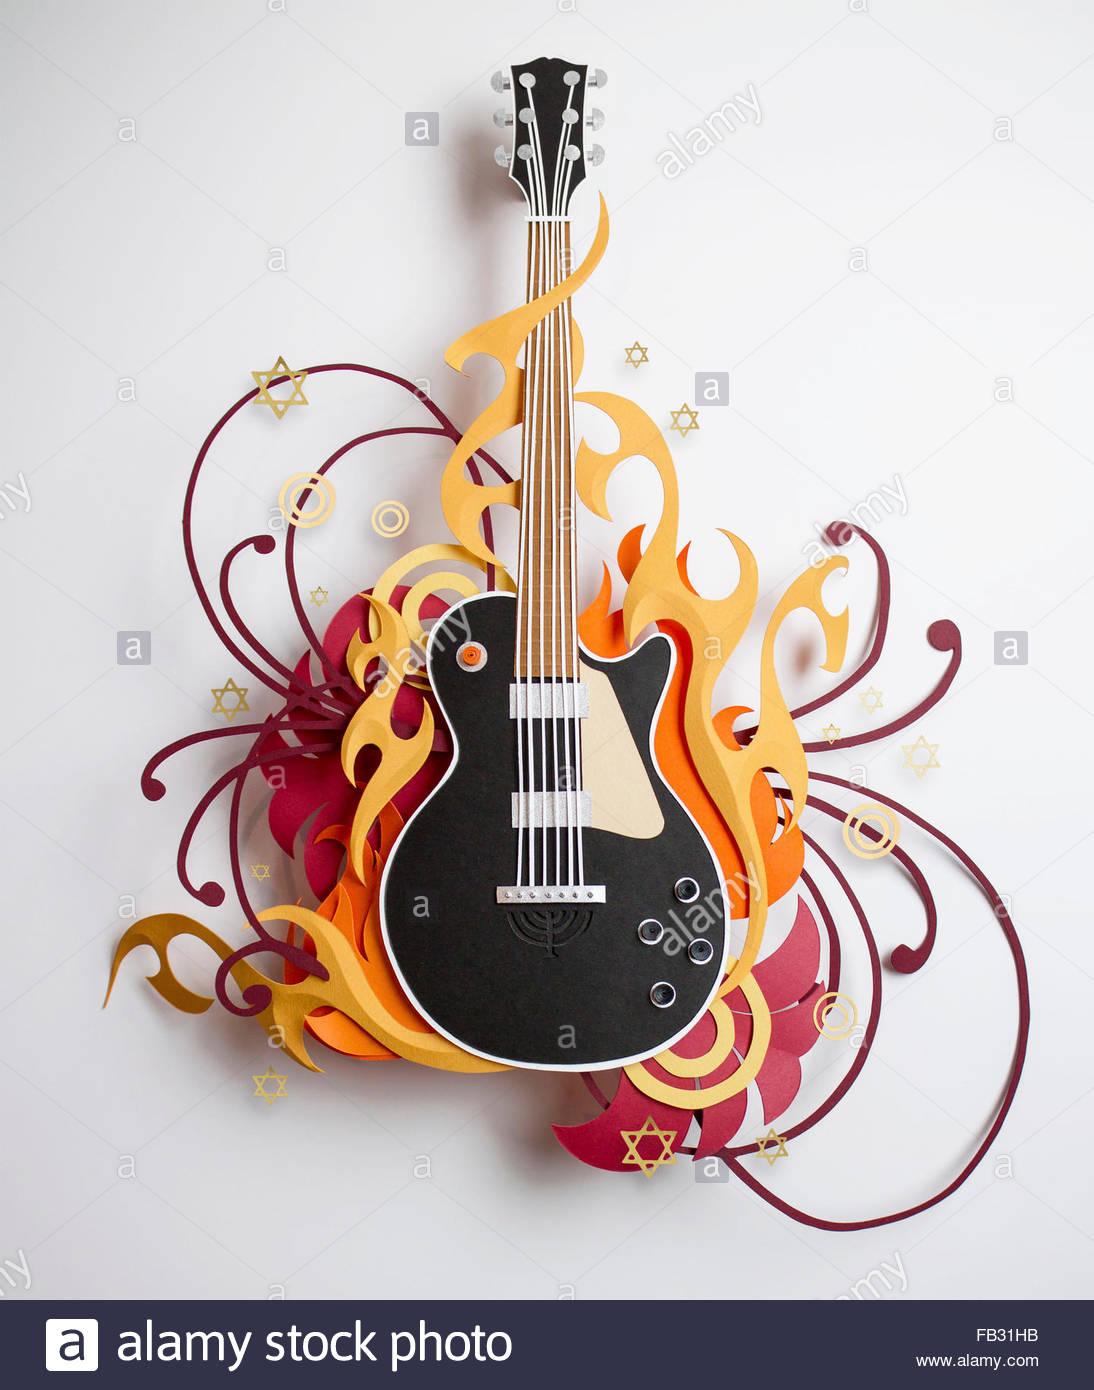 Sterne und wirbelt umgebende Papier Handwerk Gitarre Stockfoto